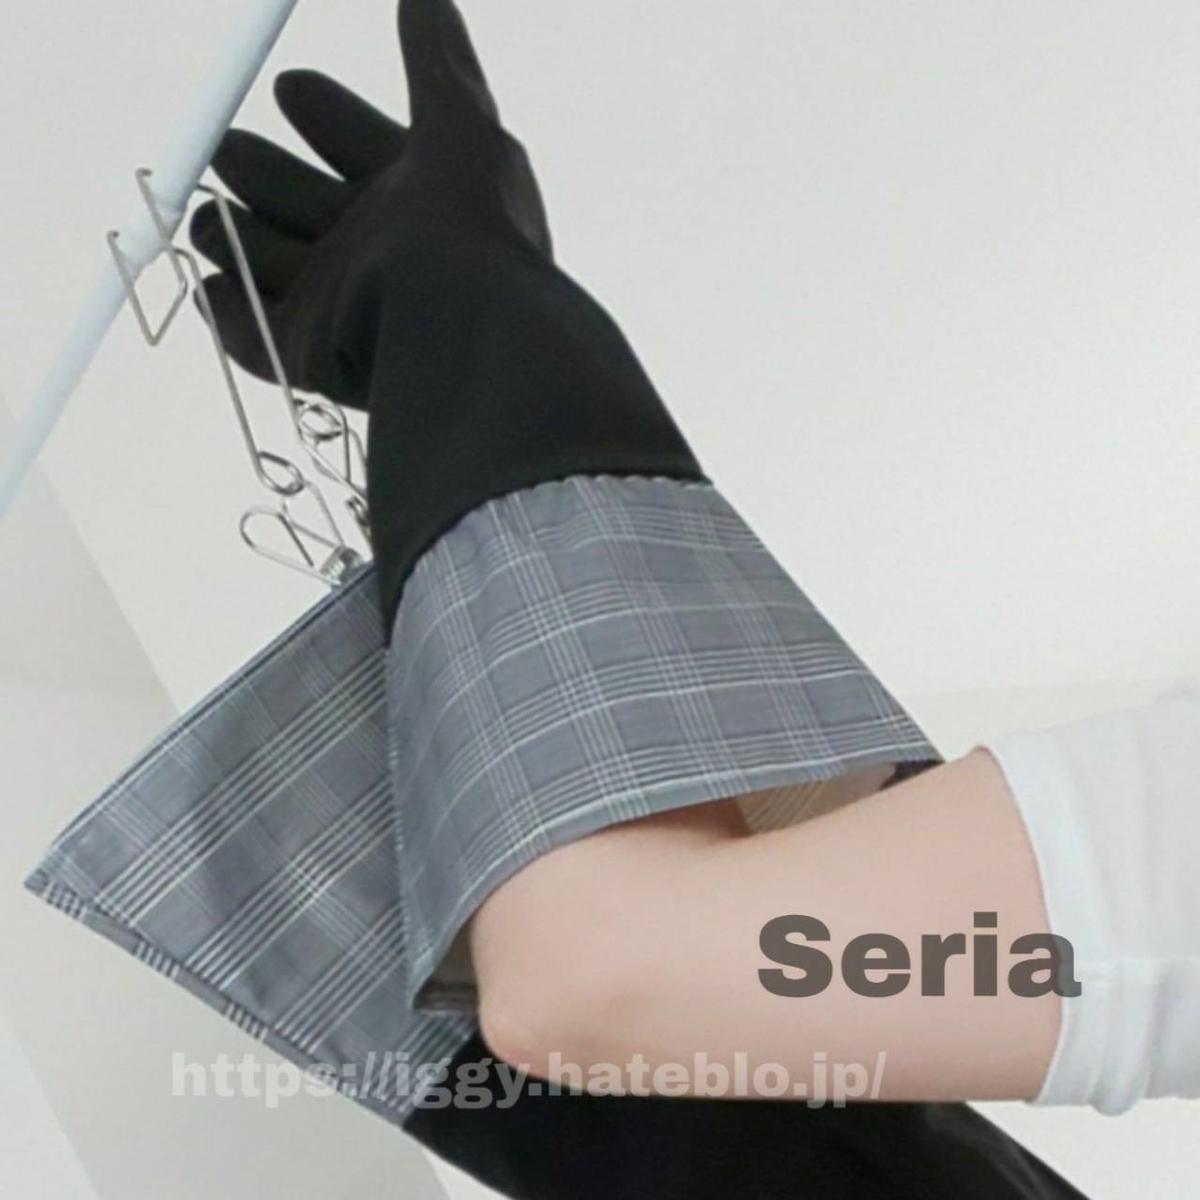 セリア ゴム手袋 iggy2019